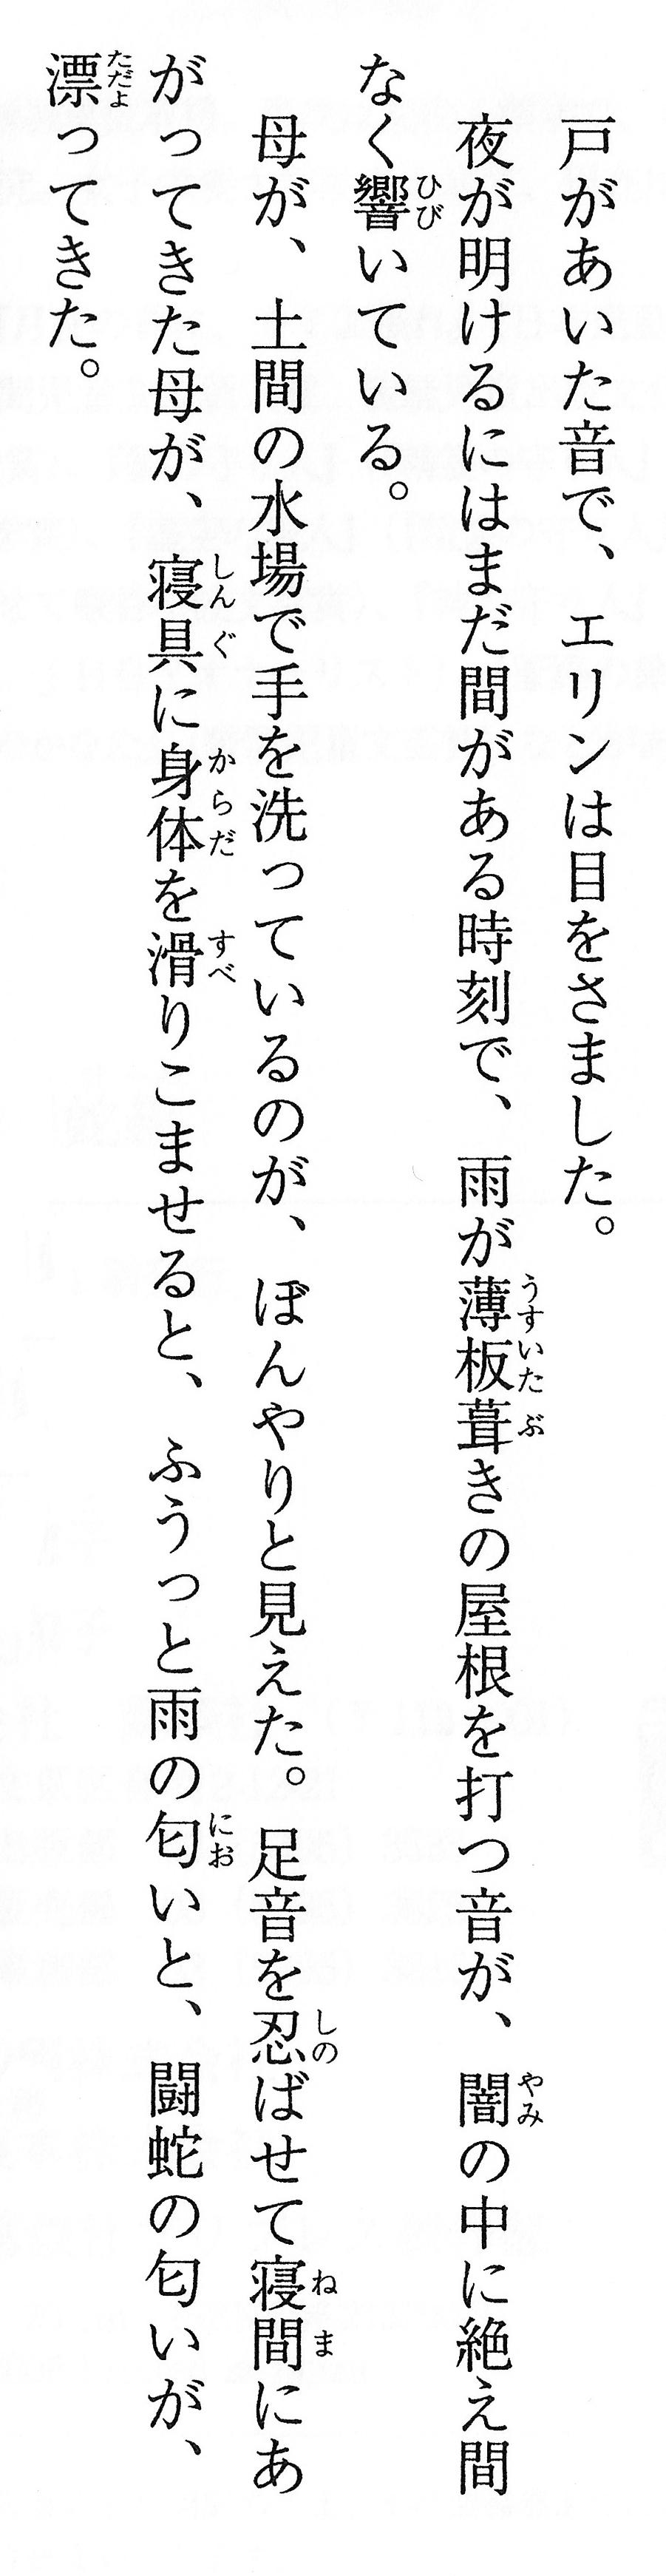 10_獣の奏者_2006_p8.jpg